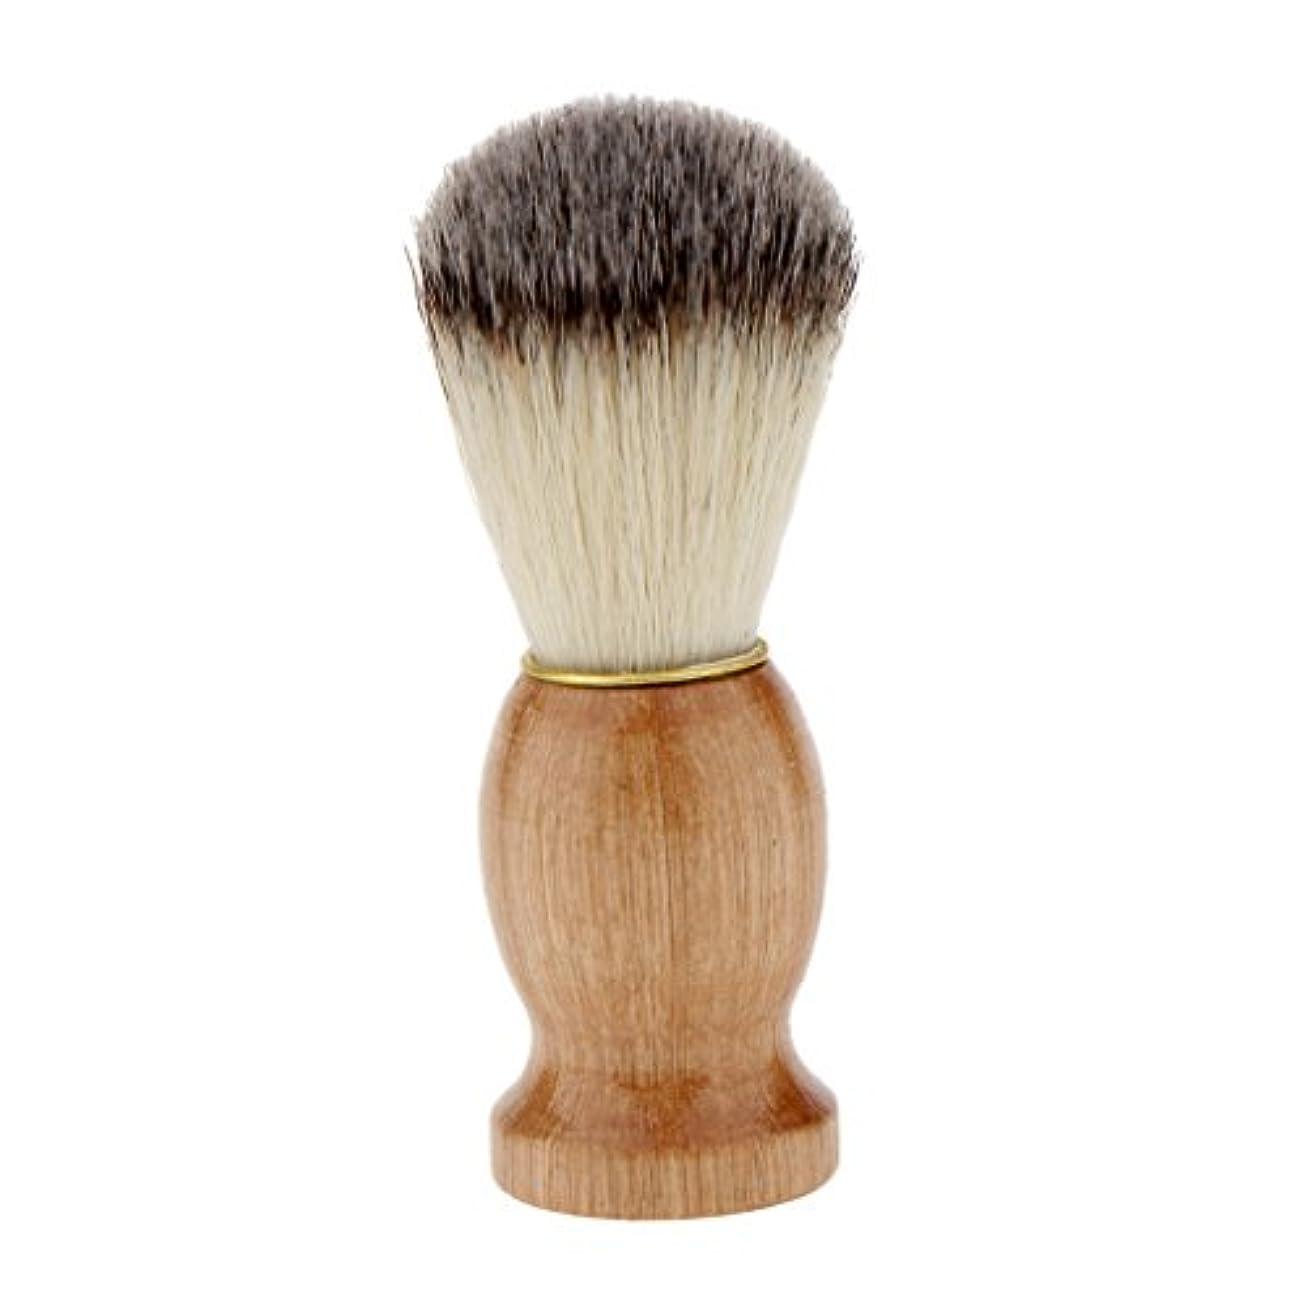 申請中妊娠した登山家男性ギフト剃毛シェービングブラシプロ理髪店サロン剛毛ブラシウッドハンドルダストクリーニングツール